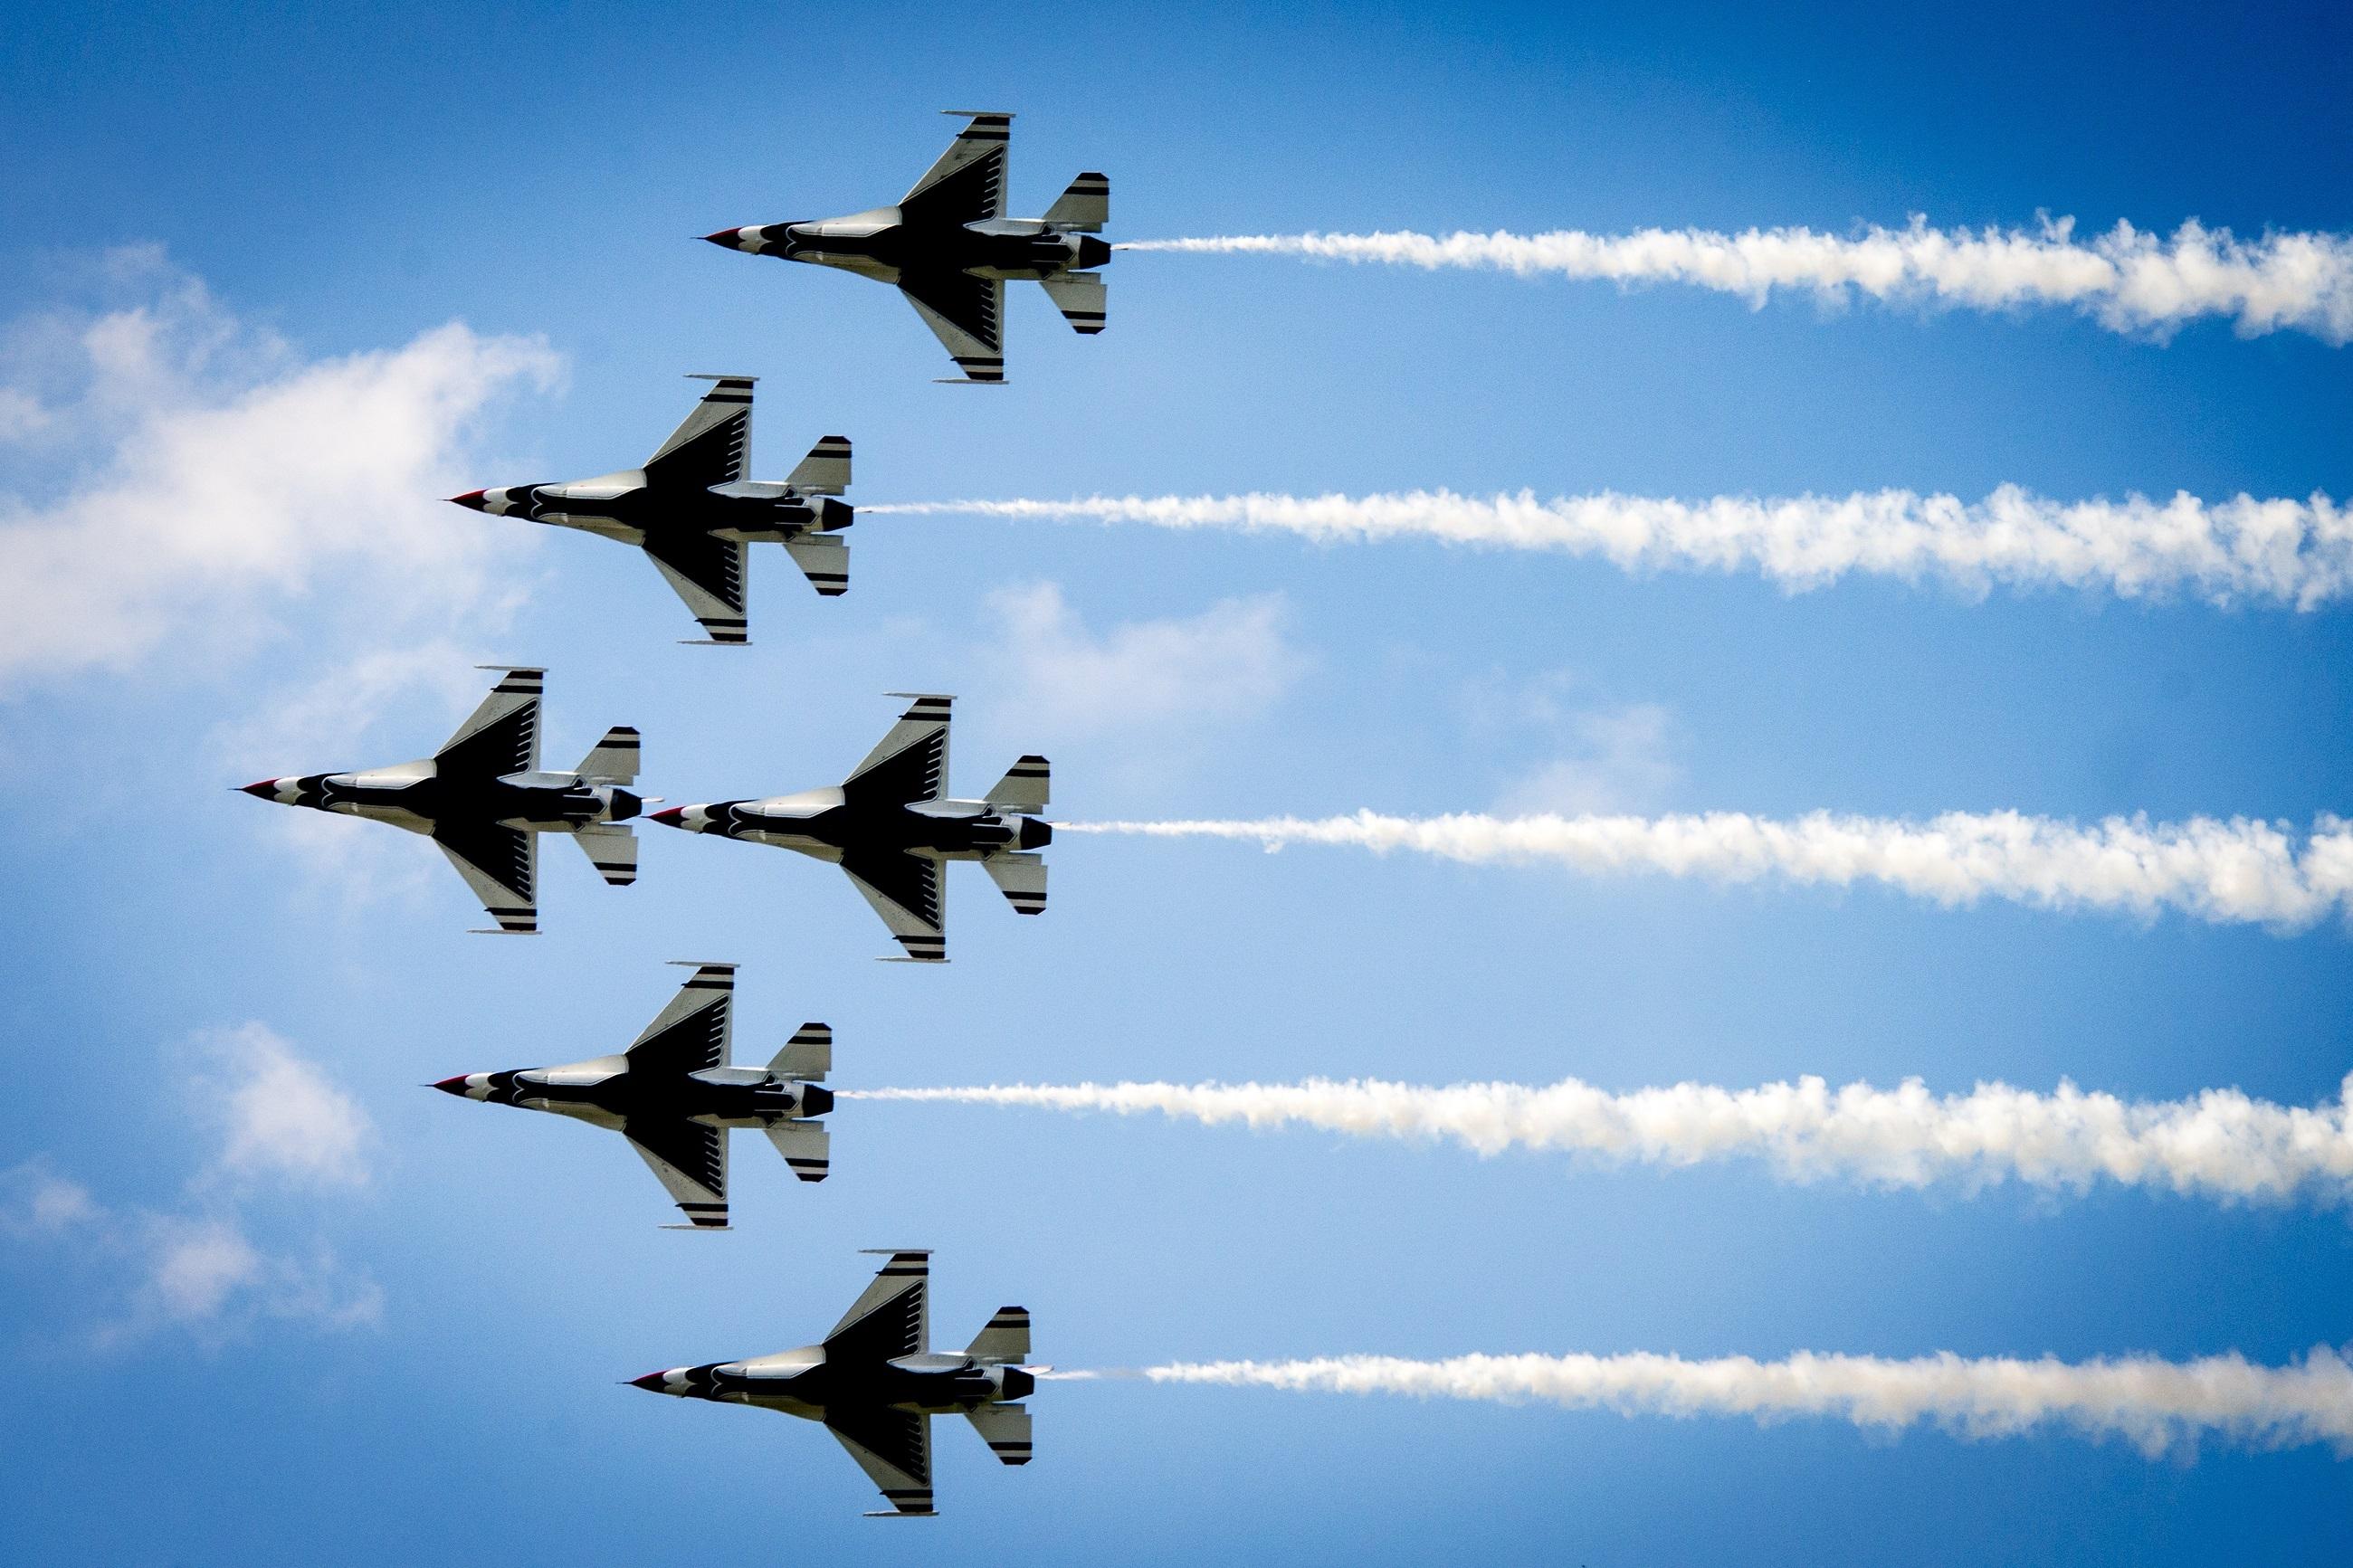 фото военного самолета в небе шоу испортило отвратительное поведение